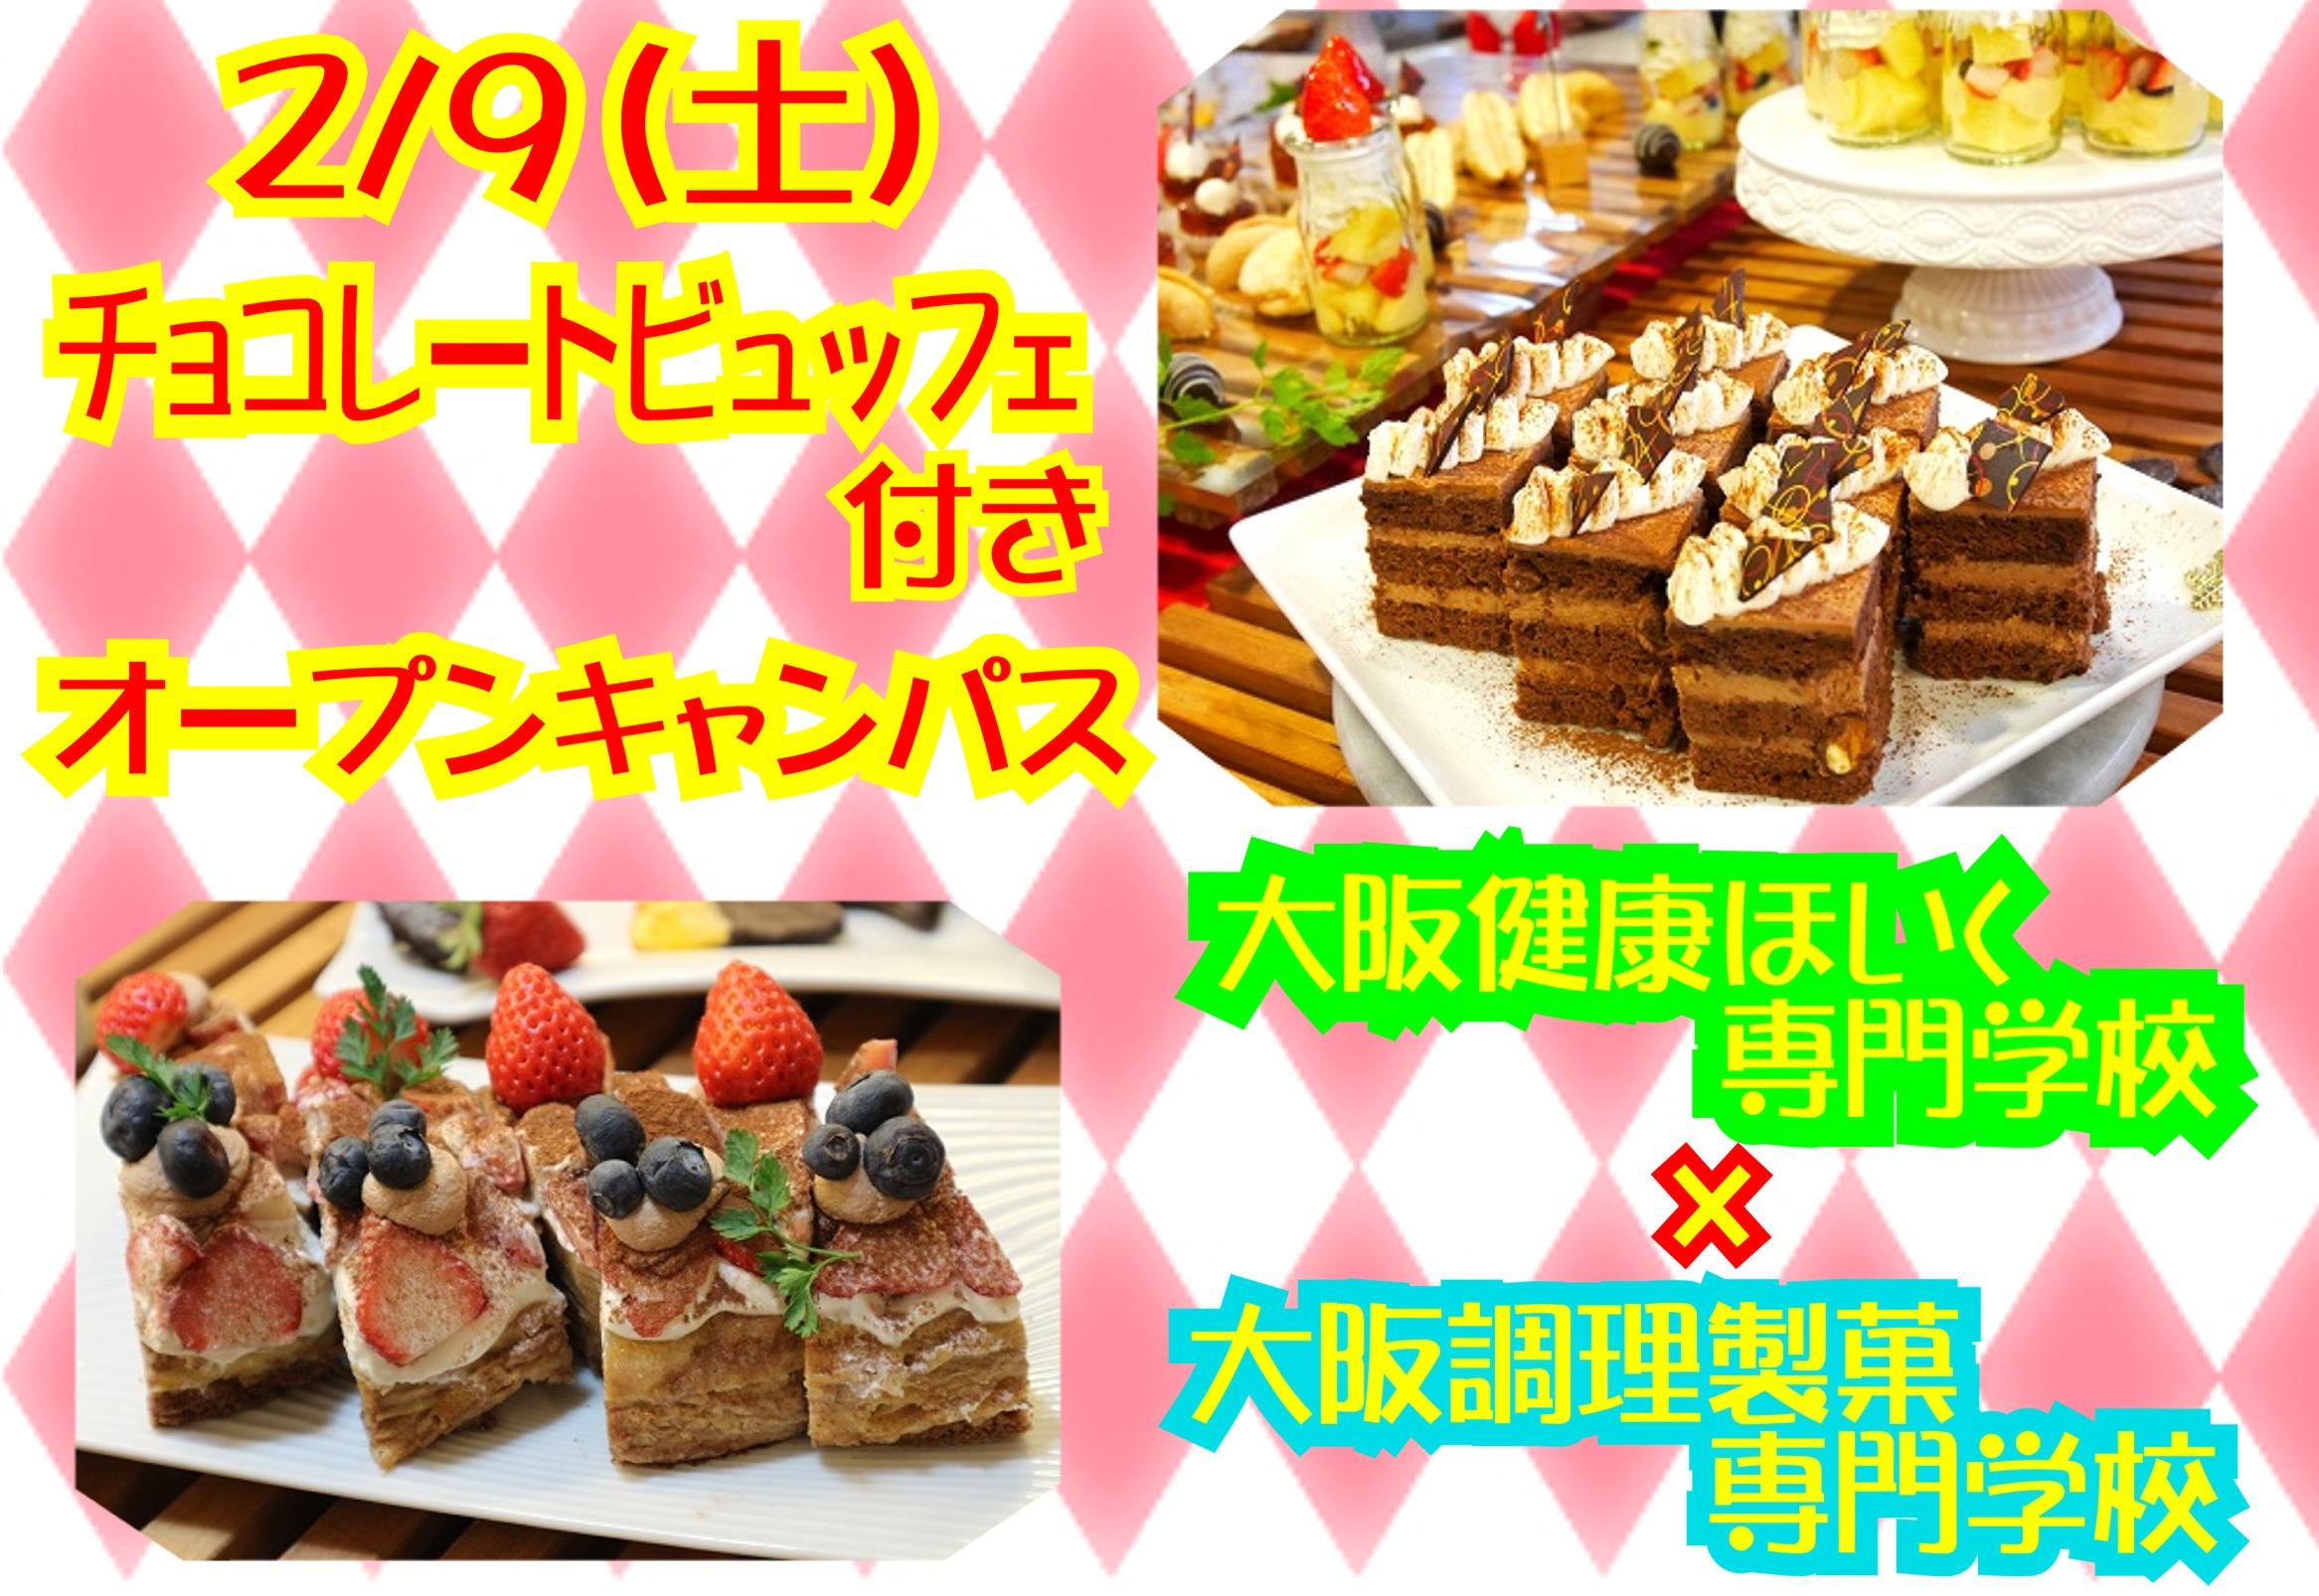 2/9(土)チョコレートビュッフェ開催☆